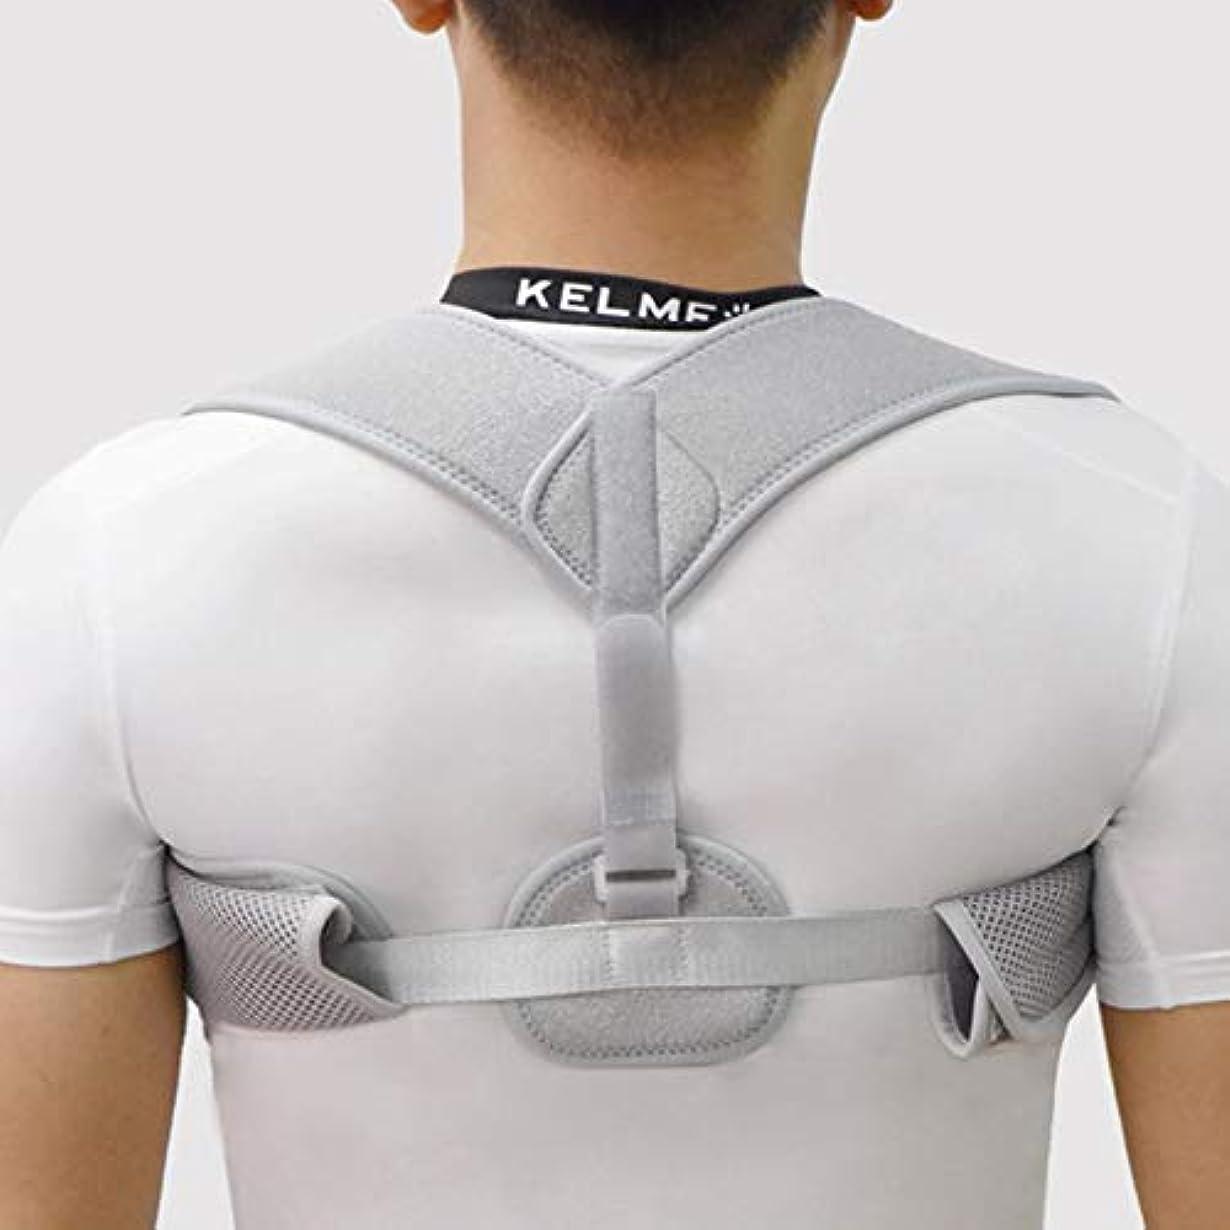 を除くチチカカ湖禁止新しいアッパーバックポスチャーコレクター姿勢鎖骨サポートコレクターバックストレート肩ブレースストラップコレクター耐久性 - グレー